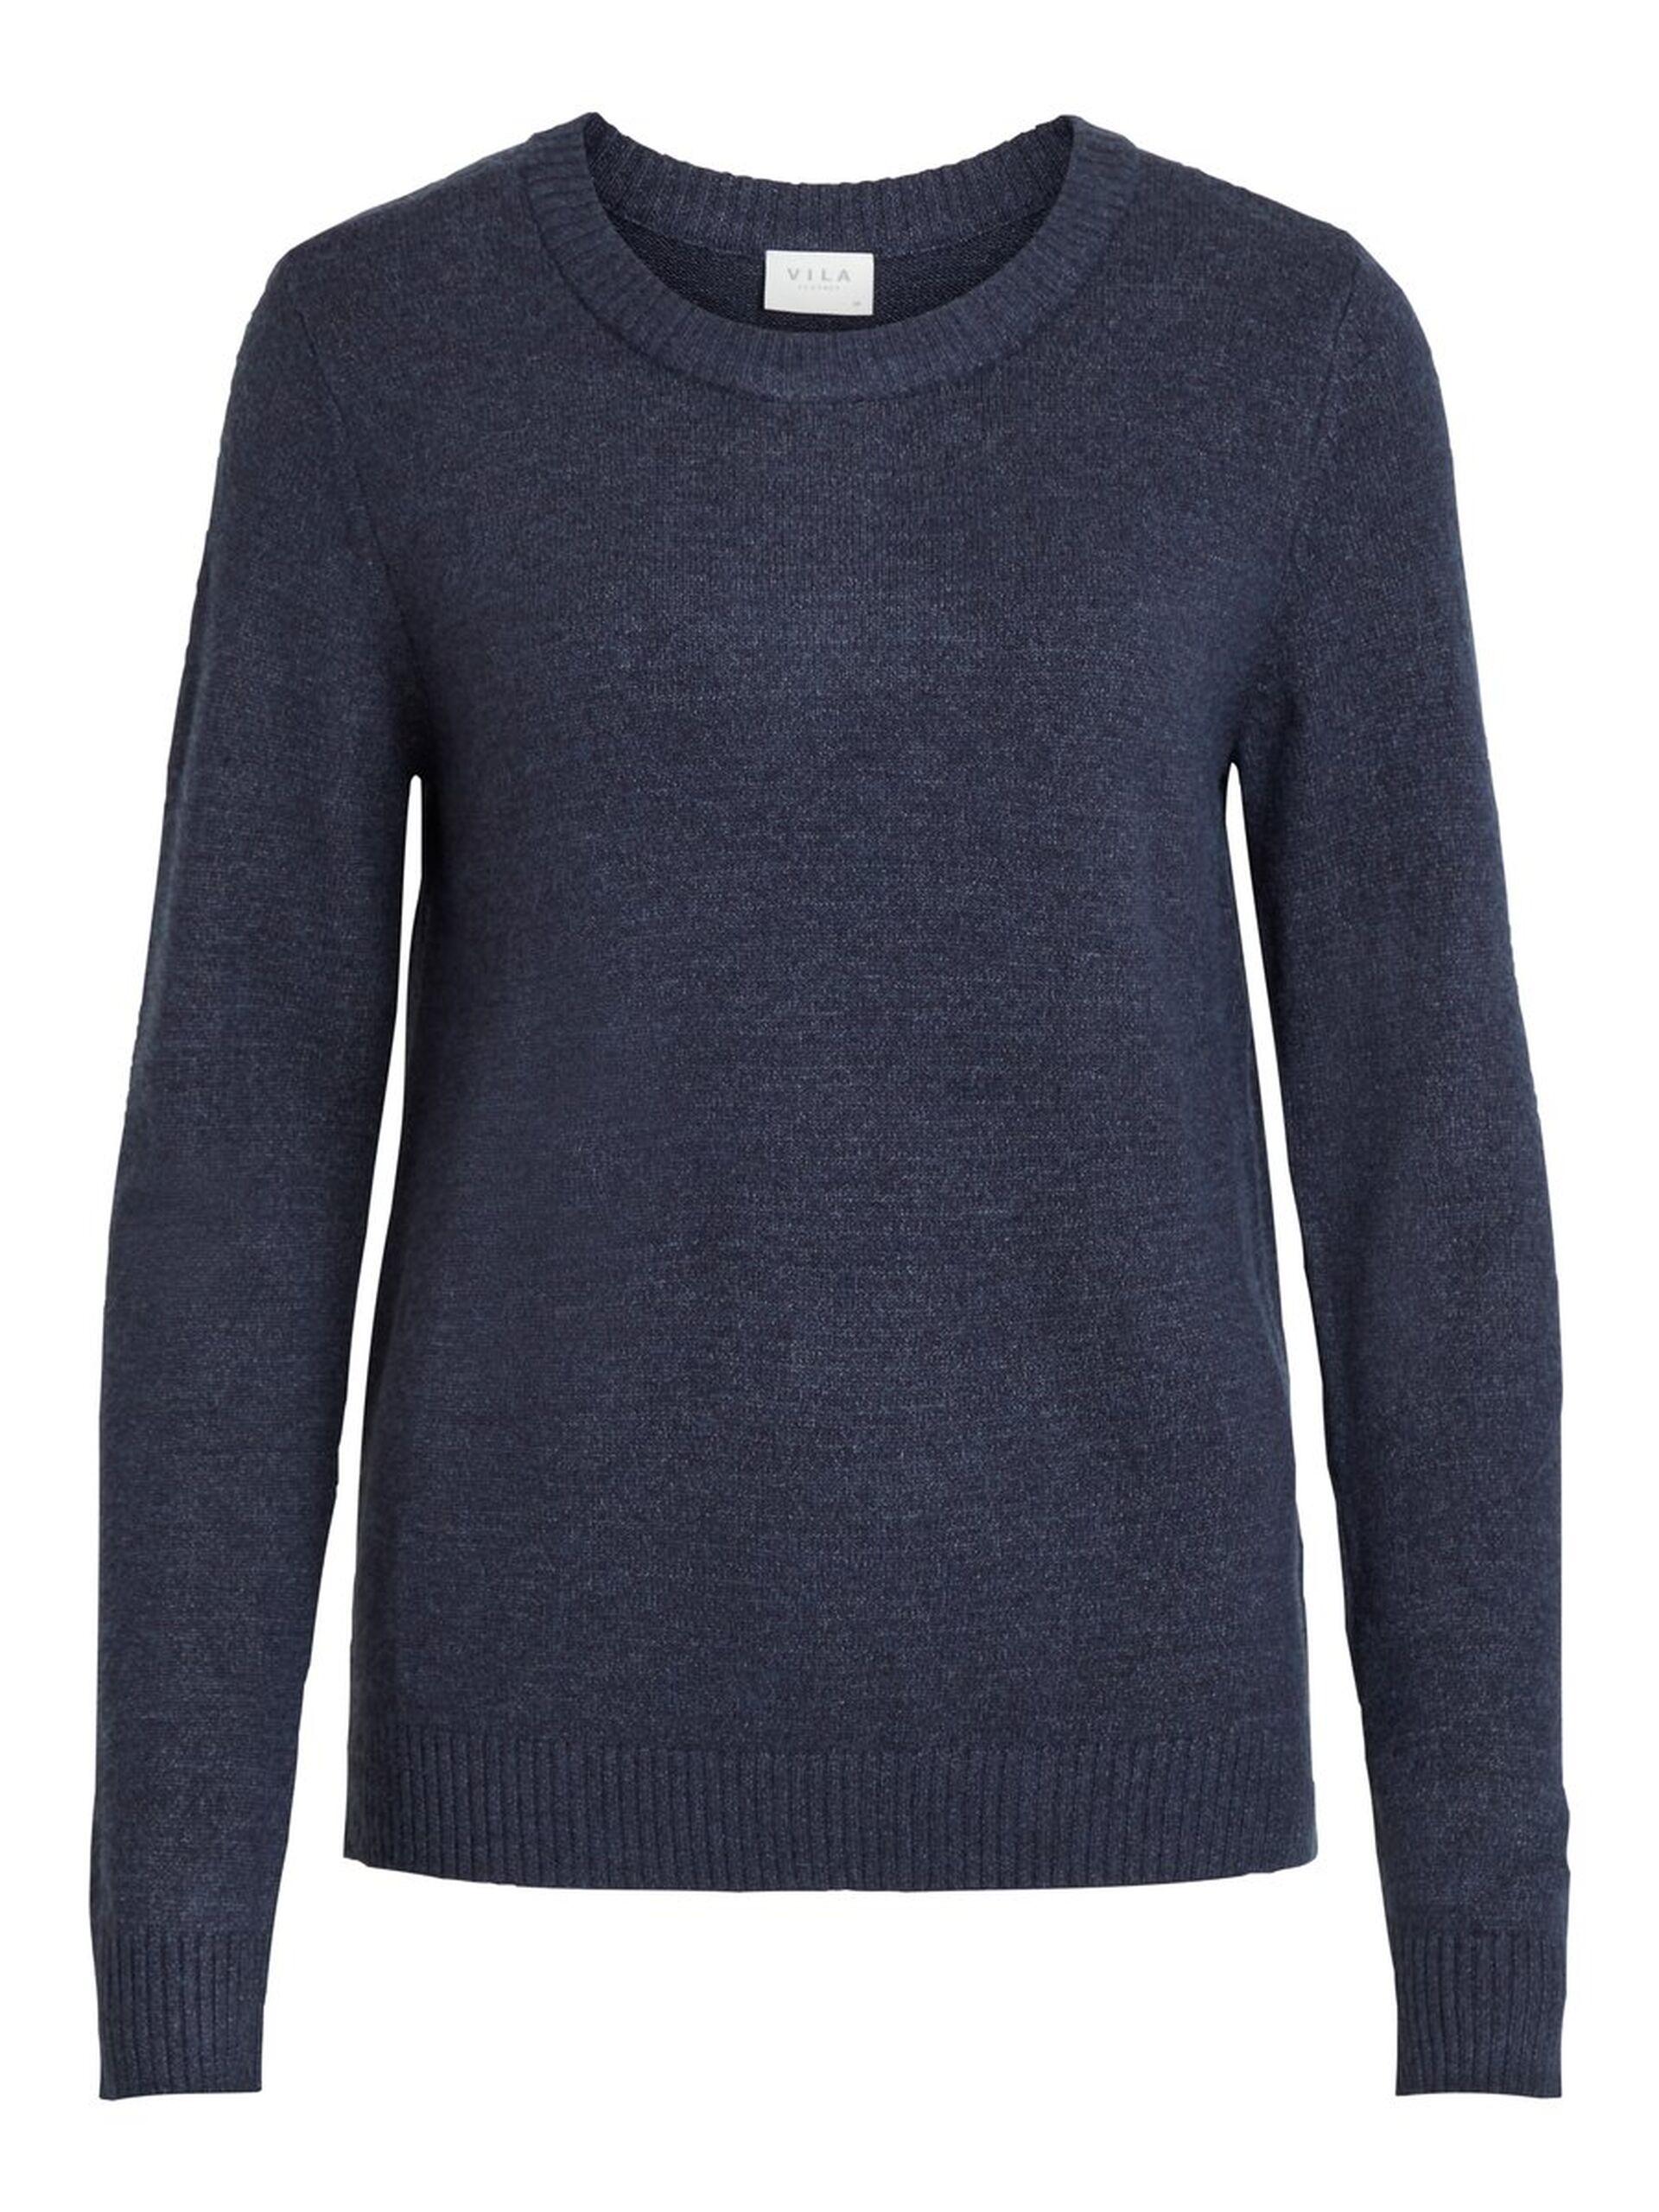 15e88c4b Blå strikkegenser Vila – Vila blå strikkegenser Viril – Mio Trend